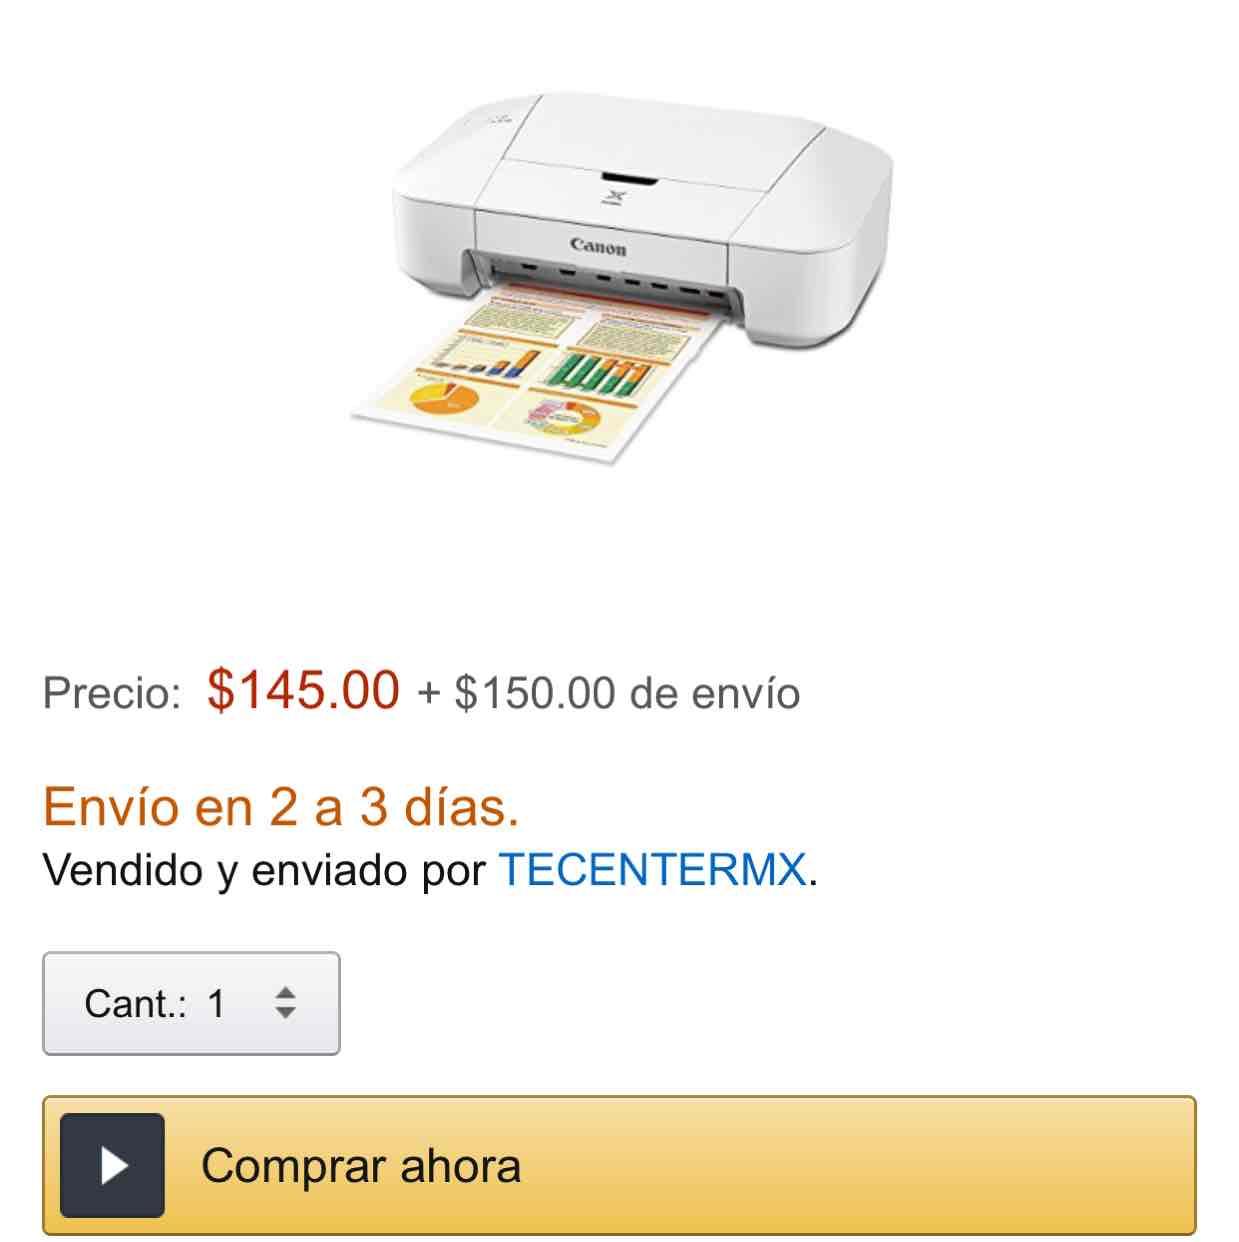 Amazon: impresora Canon Pixma Ip2810 a $295 con envío vendido y enviado por un tercero